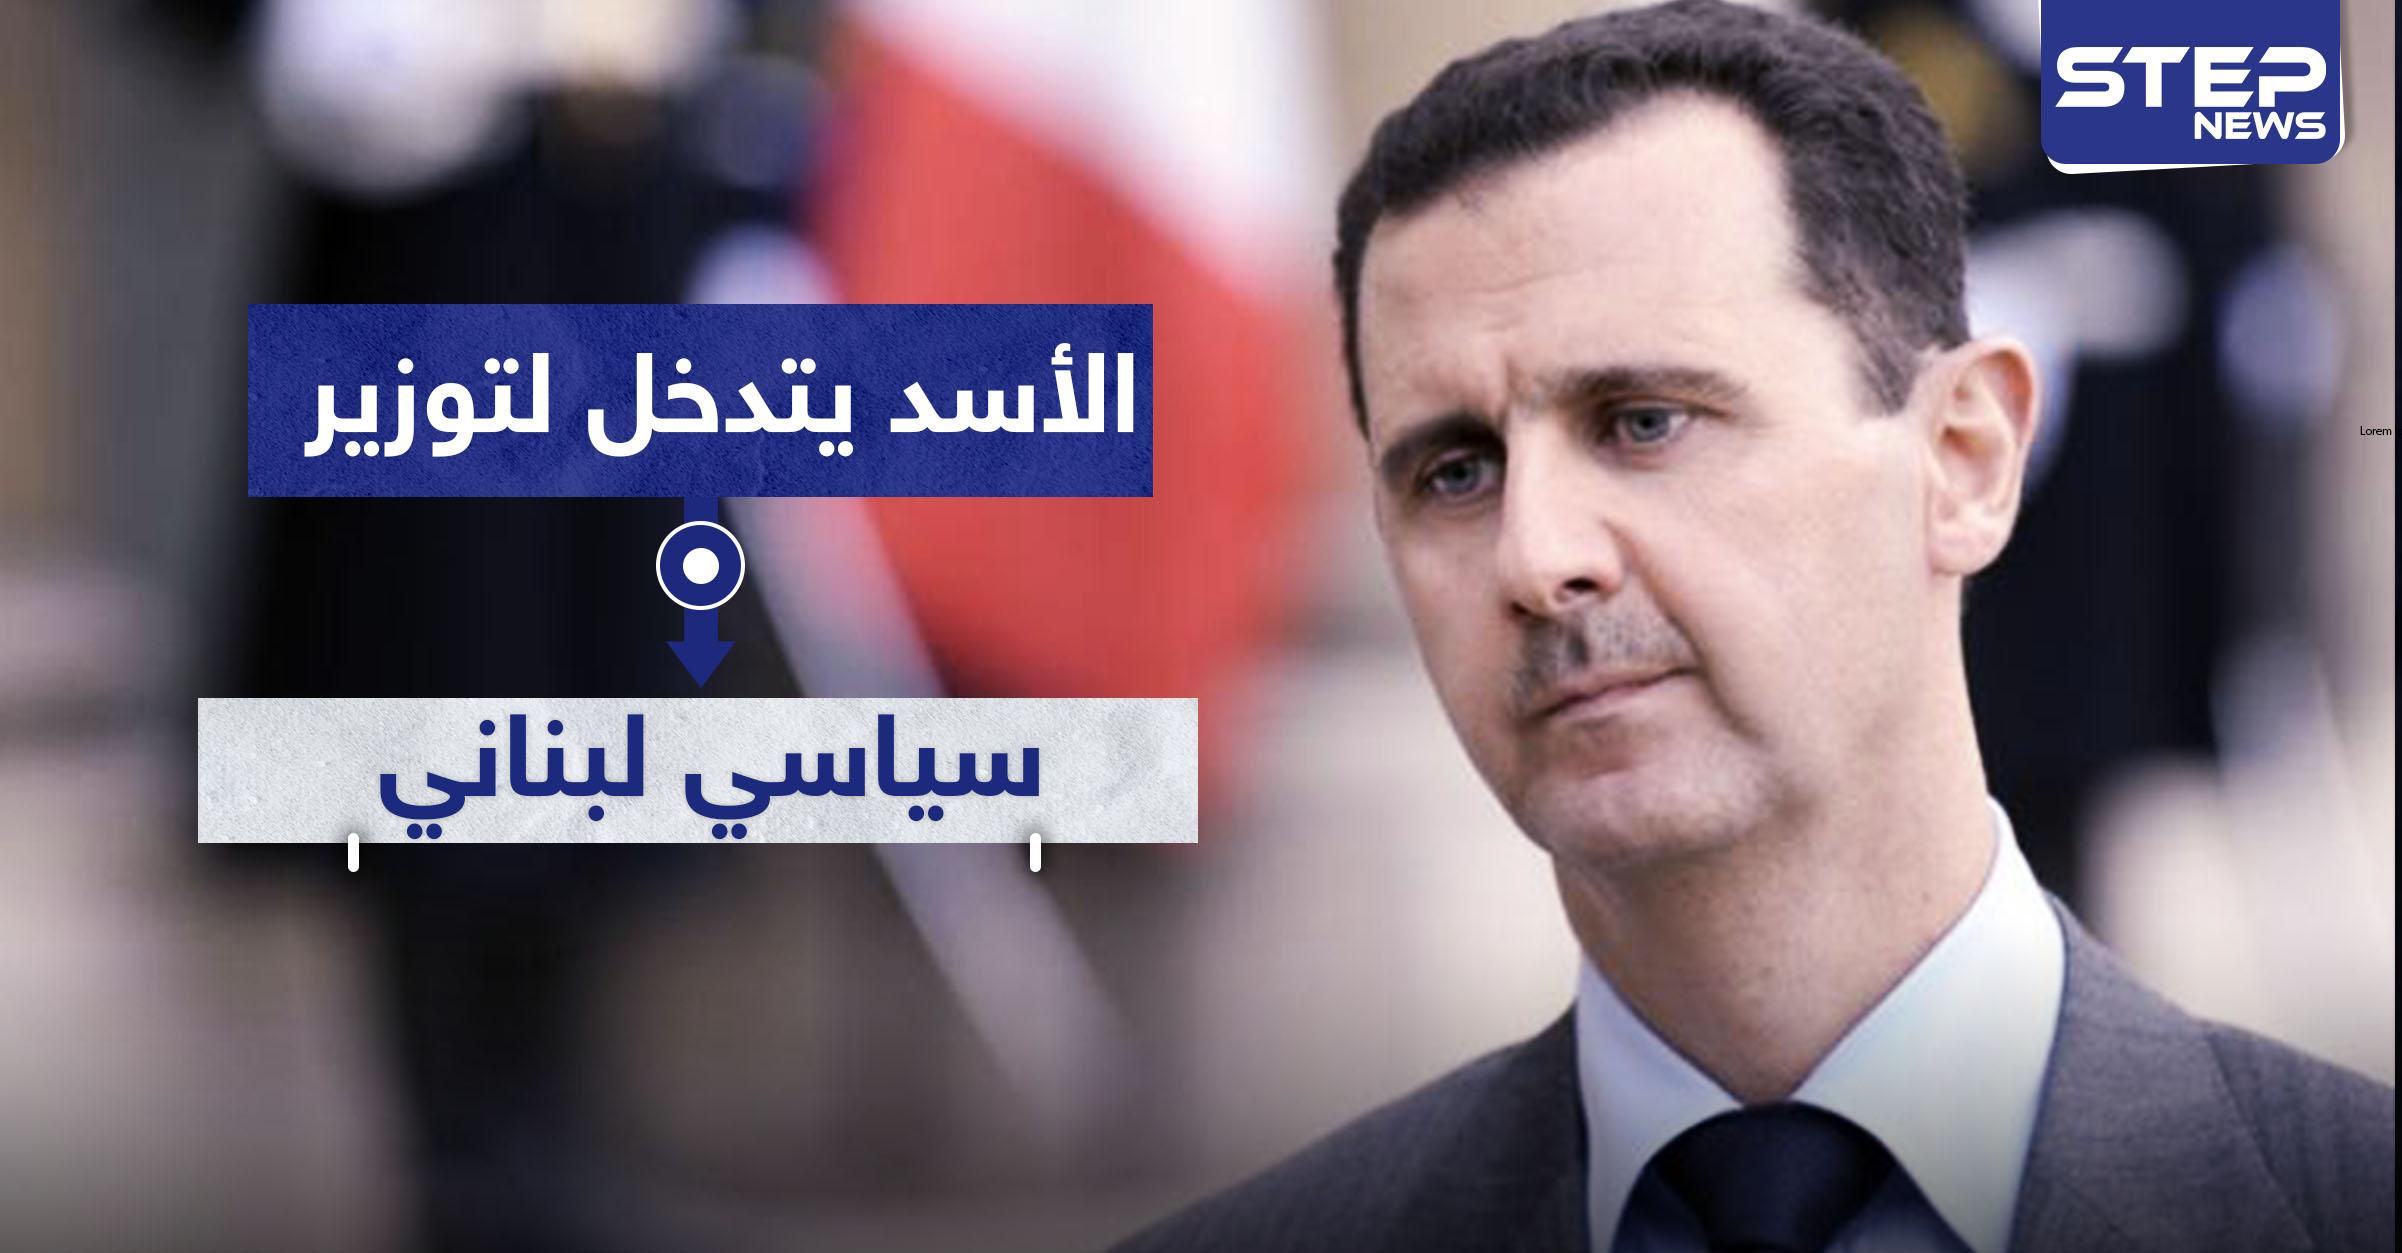 هكذا تدخل بشار الأسد لتوزير سياسي لبناني.